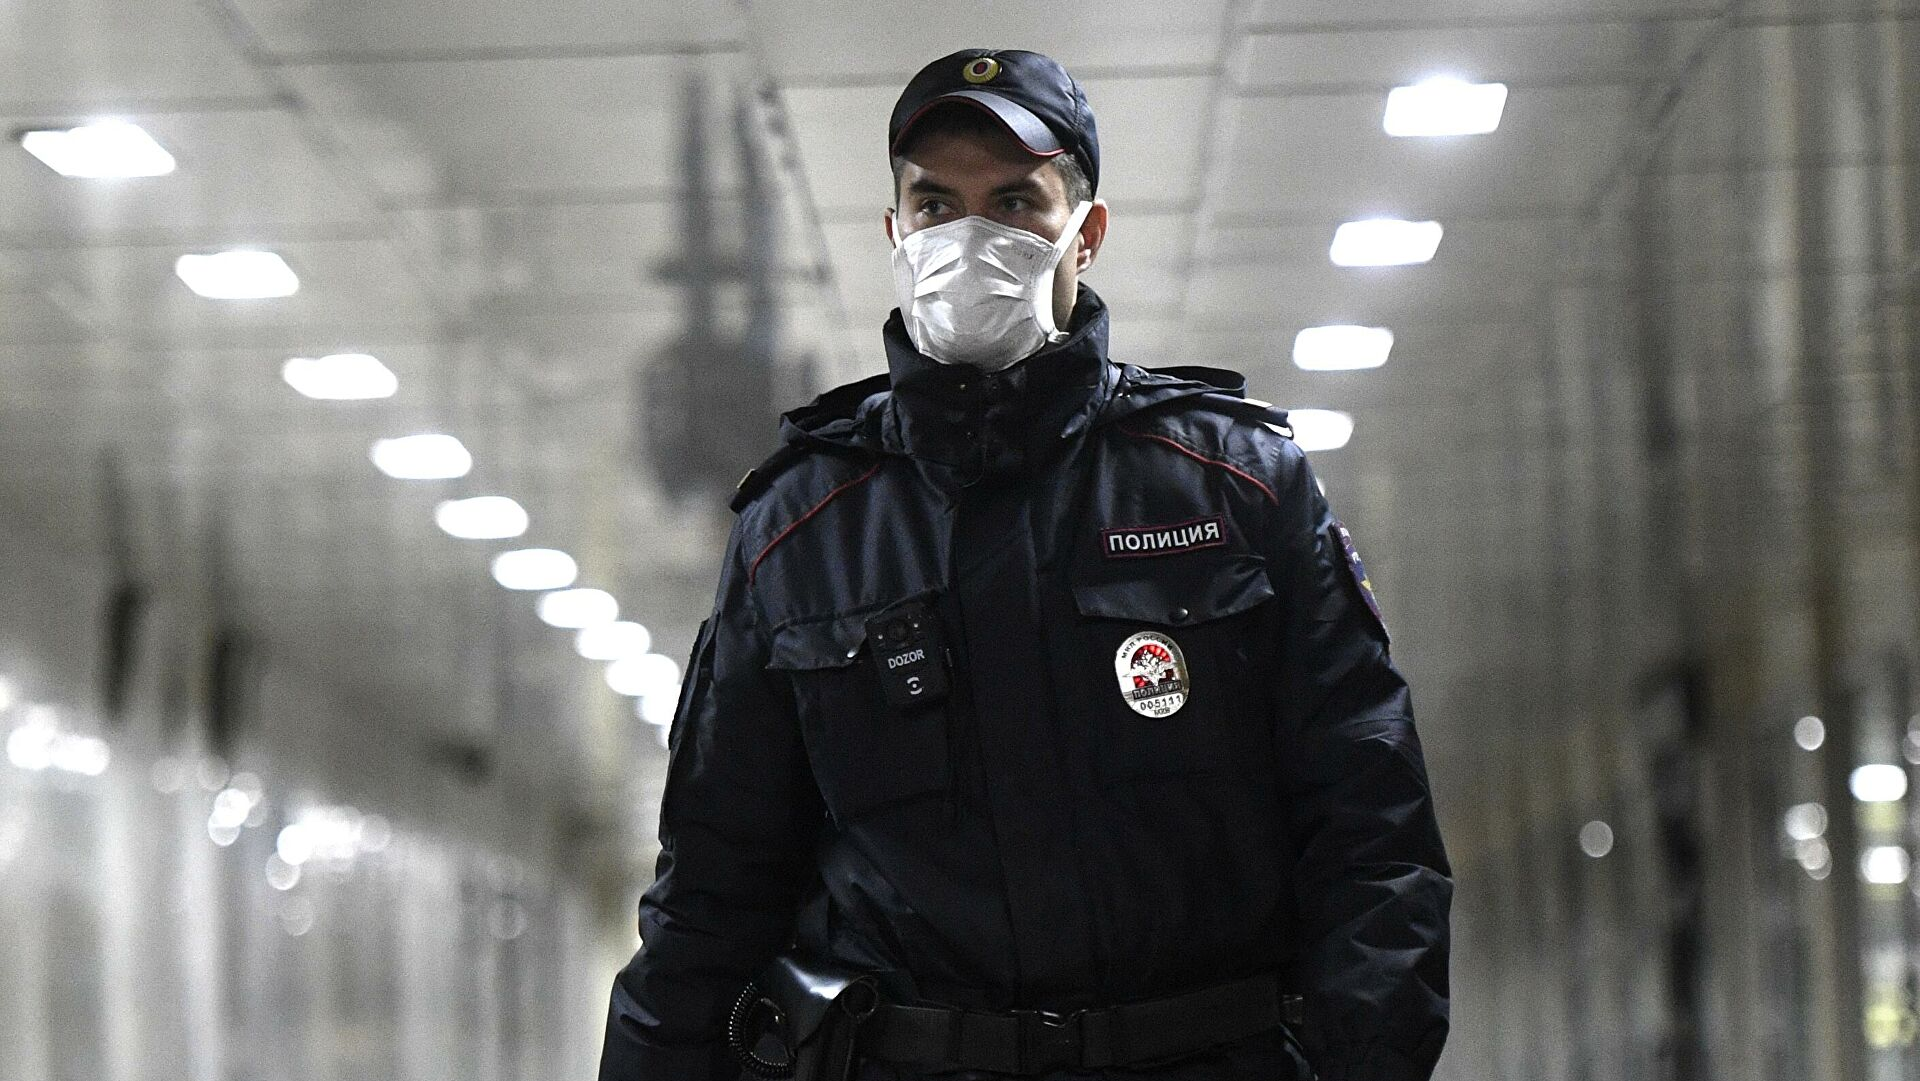 Россиянин получил три штрафа зачужие нарушения вметро Москвы